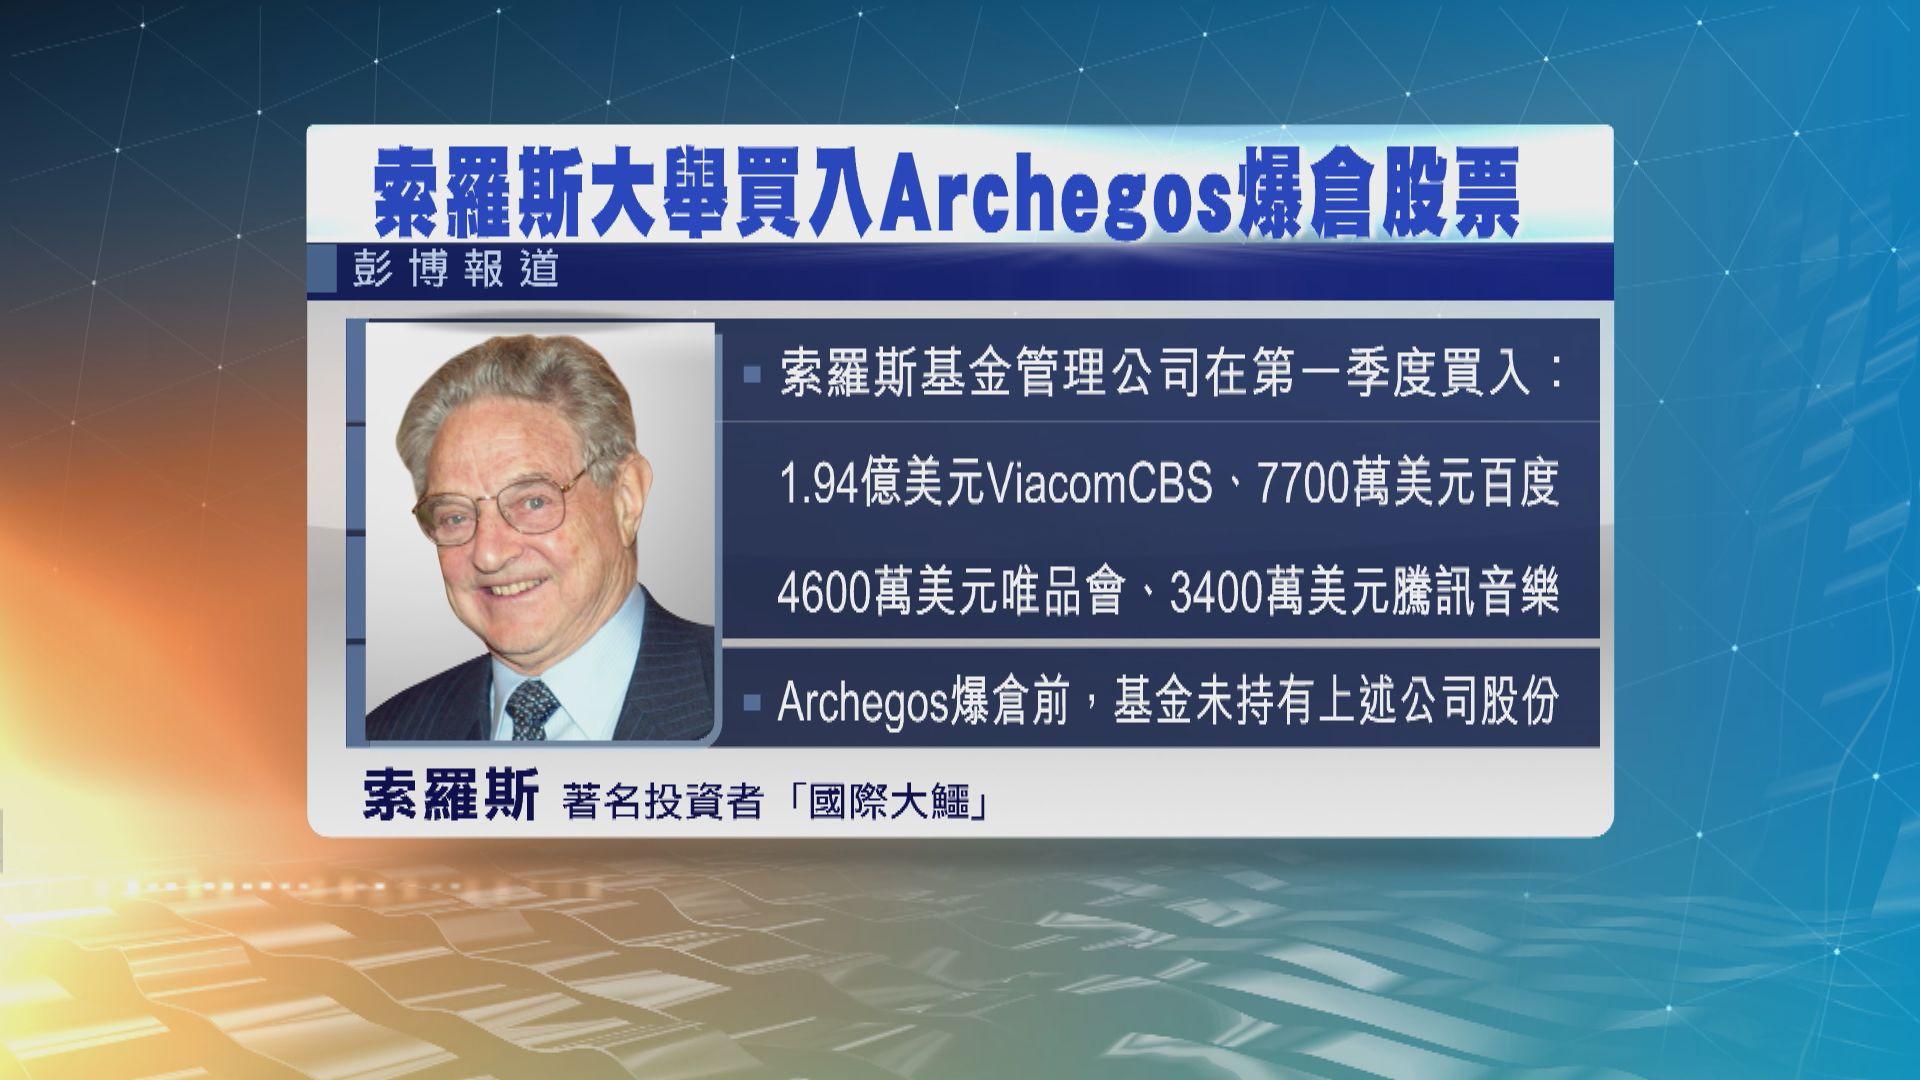 索羅斯大舉買入美國對沖基金Archegos爆倉股票